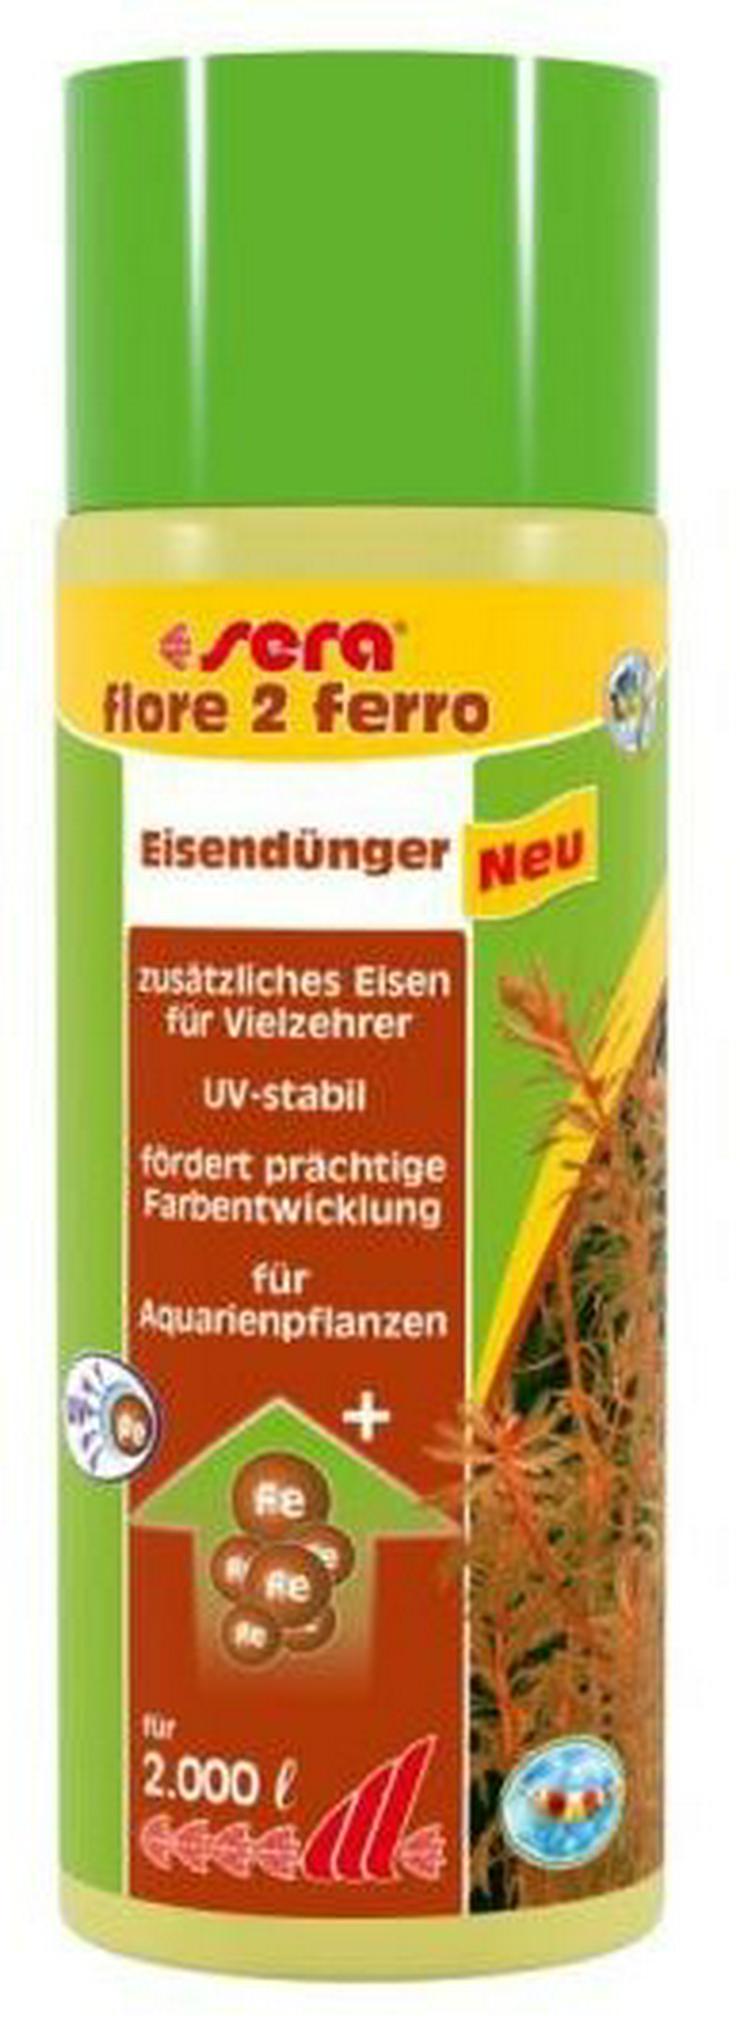 Sera Flore 2 Ferro, 500 ml für 2.000 Liter, Versand